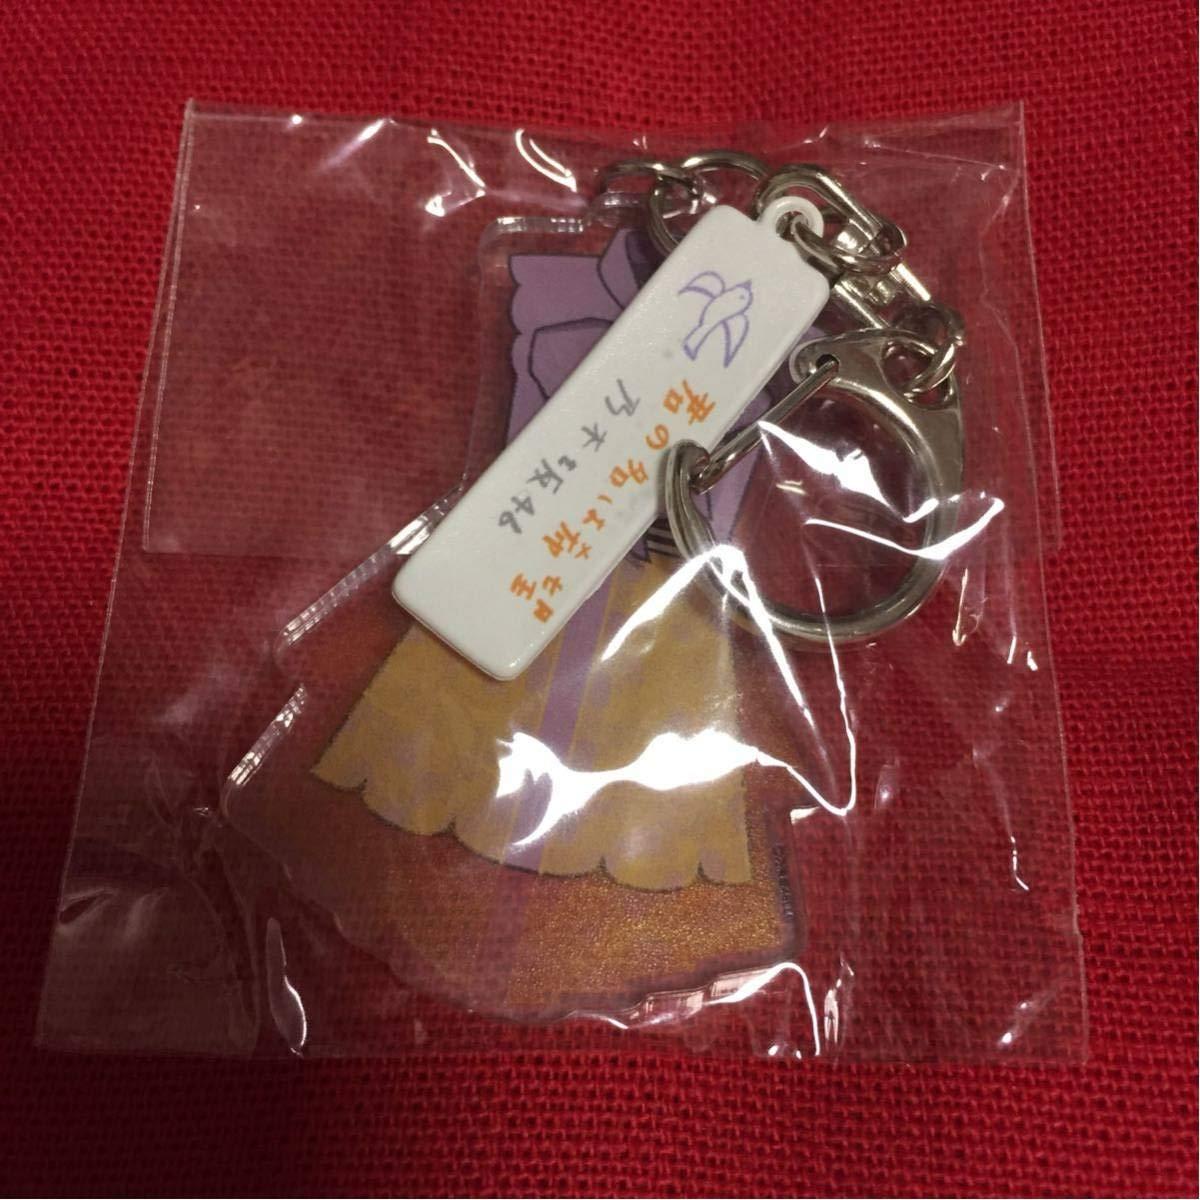 乃木坂46 衣装 アクリルキーホルダー 君の名は希望   B07PZ8YXWJ